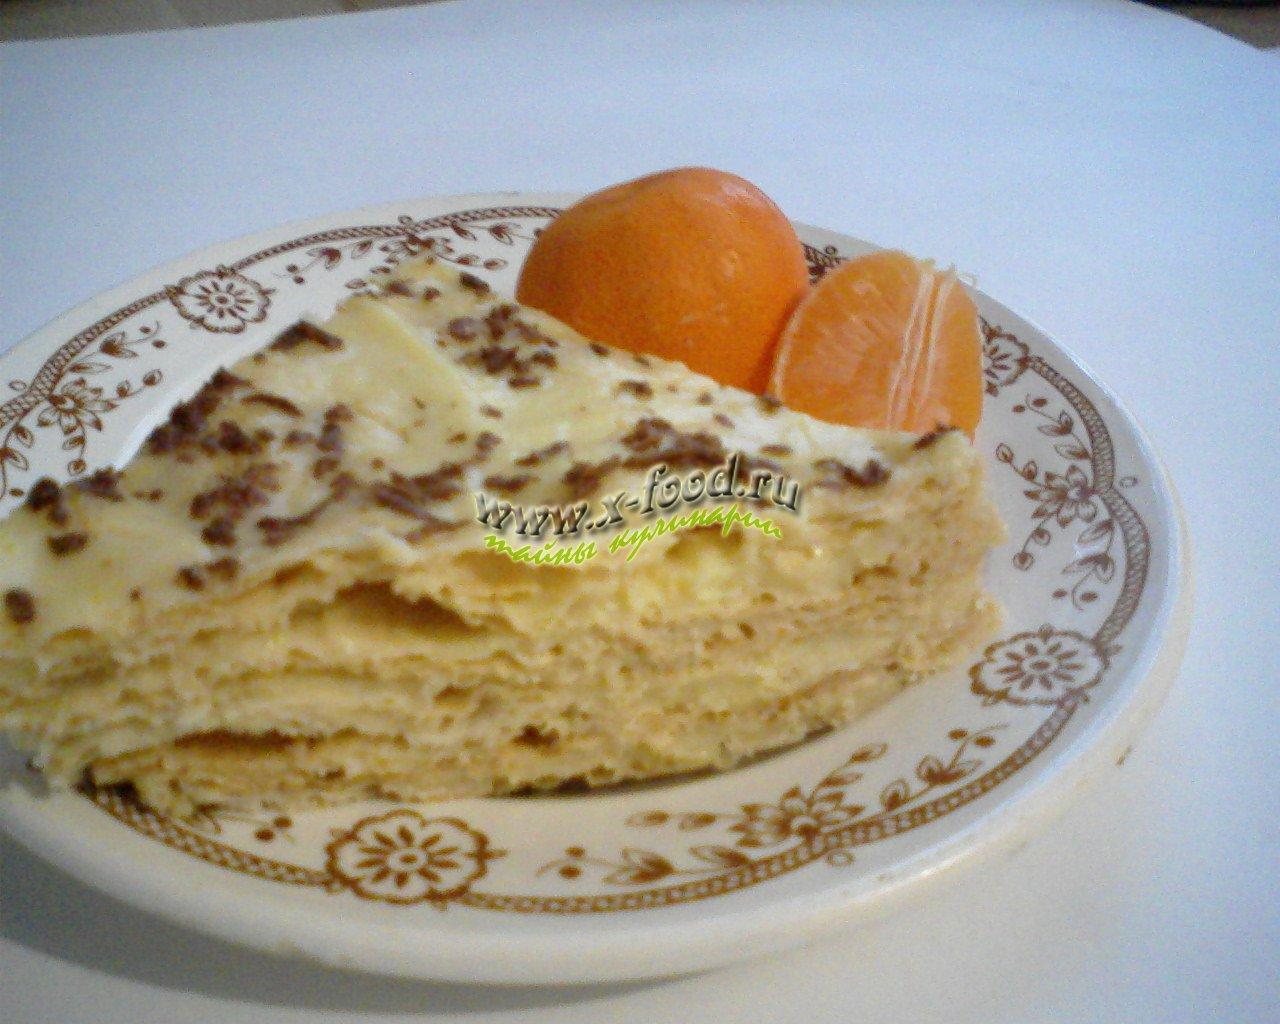 Торт наполеон с водкой рецепт с фото